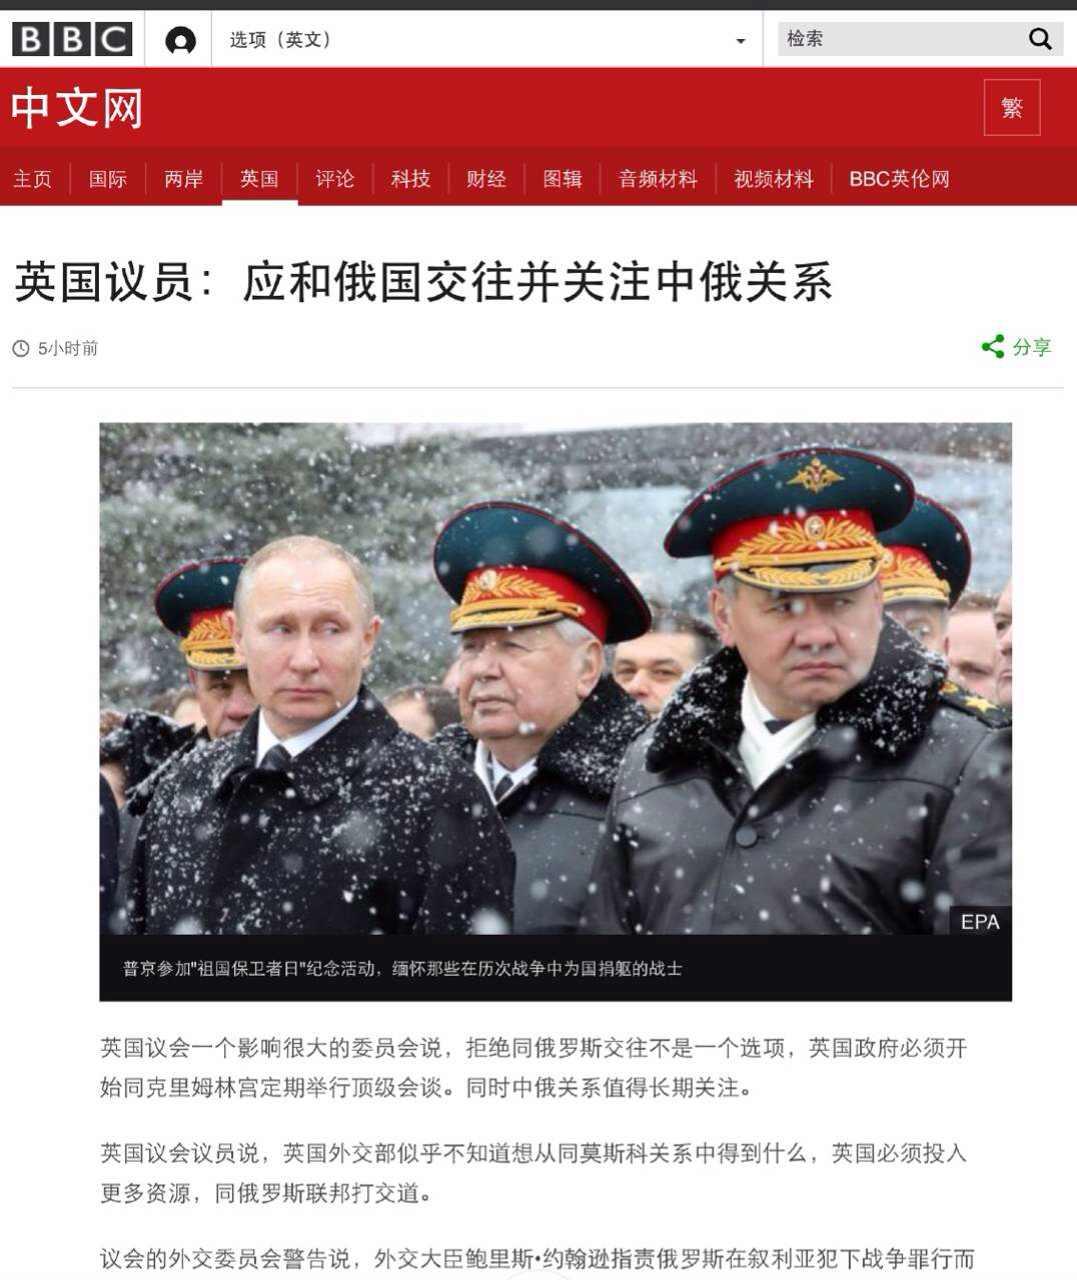 """英外交委员会:英国应和俄罗斯发展关系 中俄关系""""最值得关注"""""""